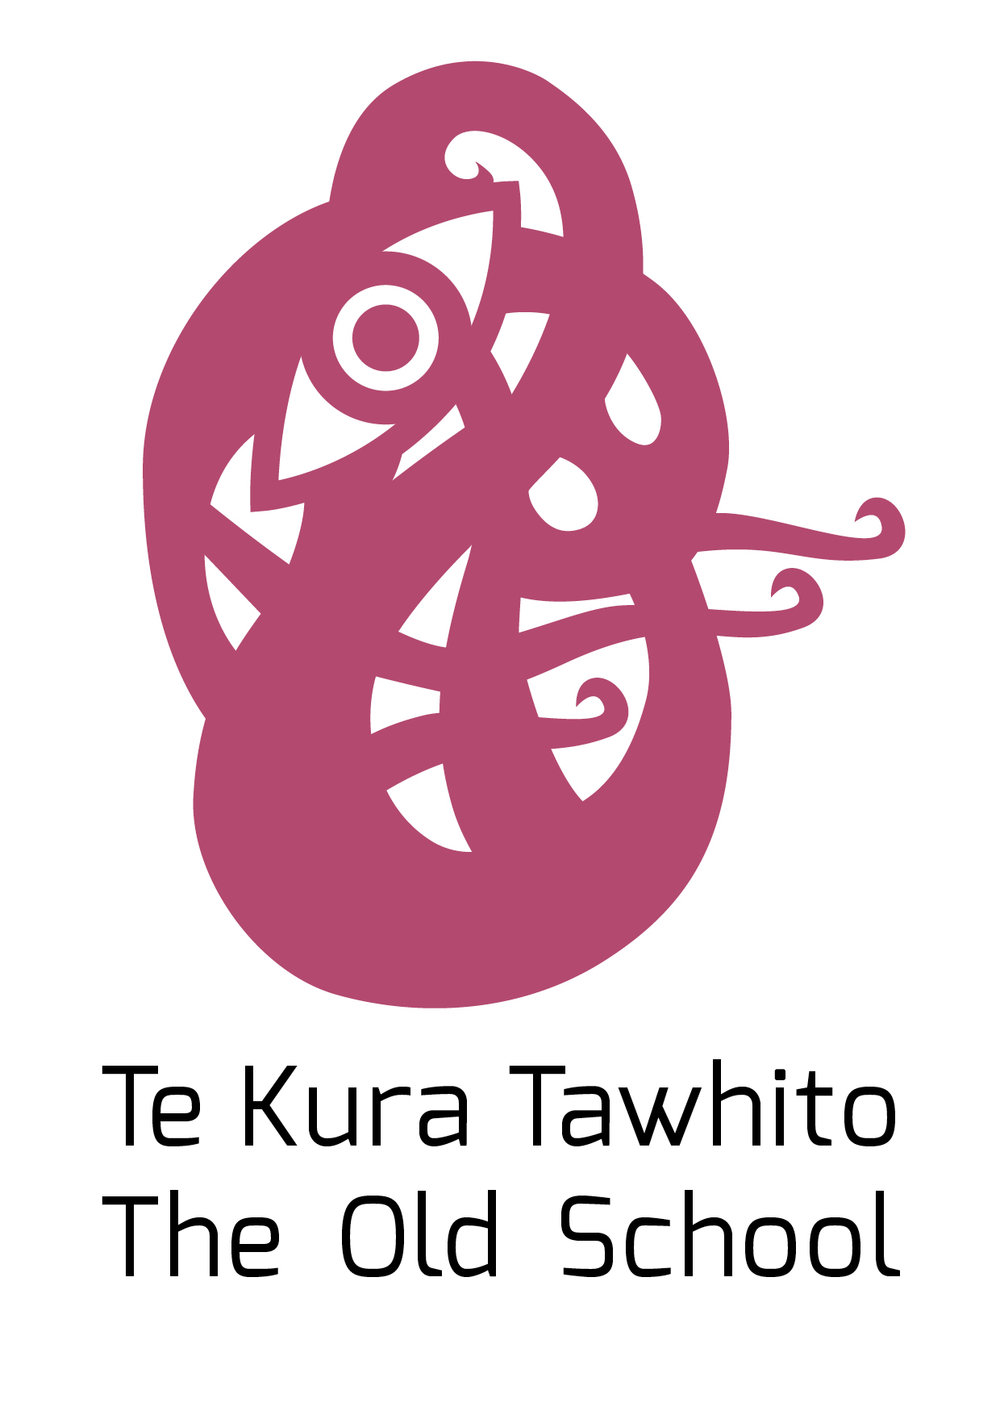 TeKuraTawhitoLogo.pink.blktitle.jpg